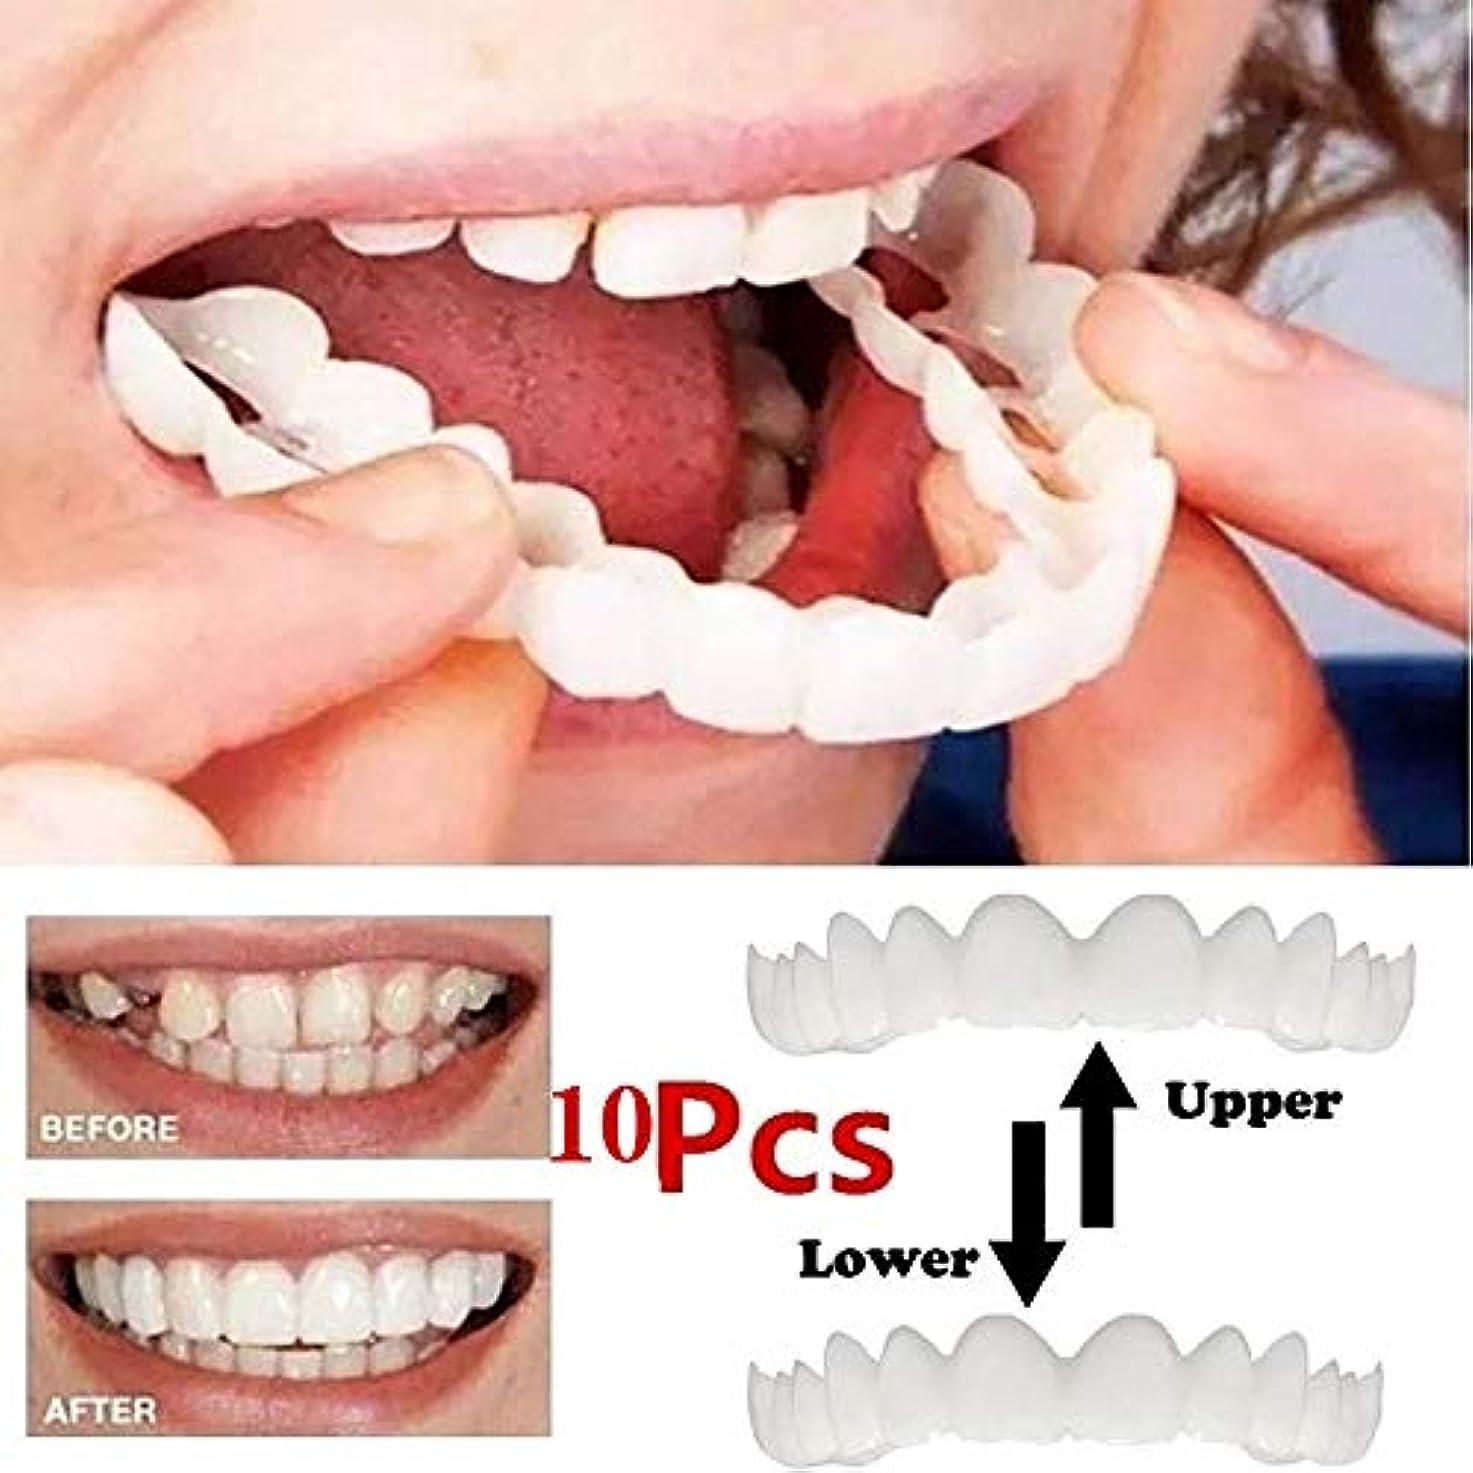 症候群延ばすフルートベニヤの歯、化粧品の歯5ペア - 一時的な笑顔の快適さフィットフレックス化粧品の歯、ワンサイズは最もフィットし、快適なトップとボトムベニア - 歯突き板